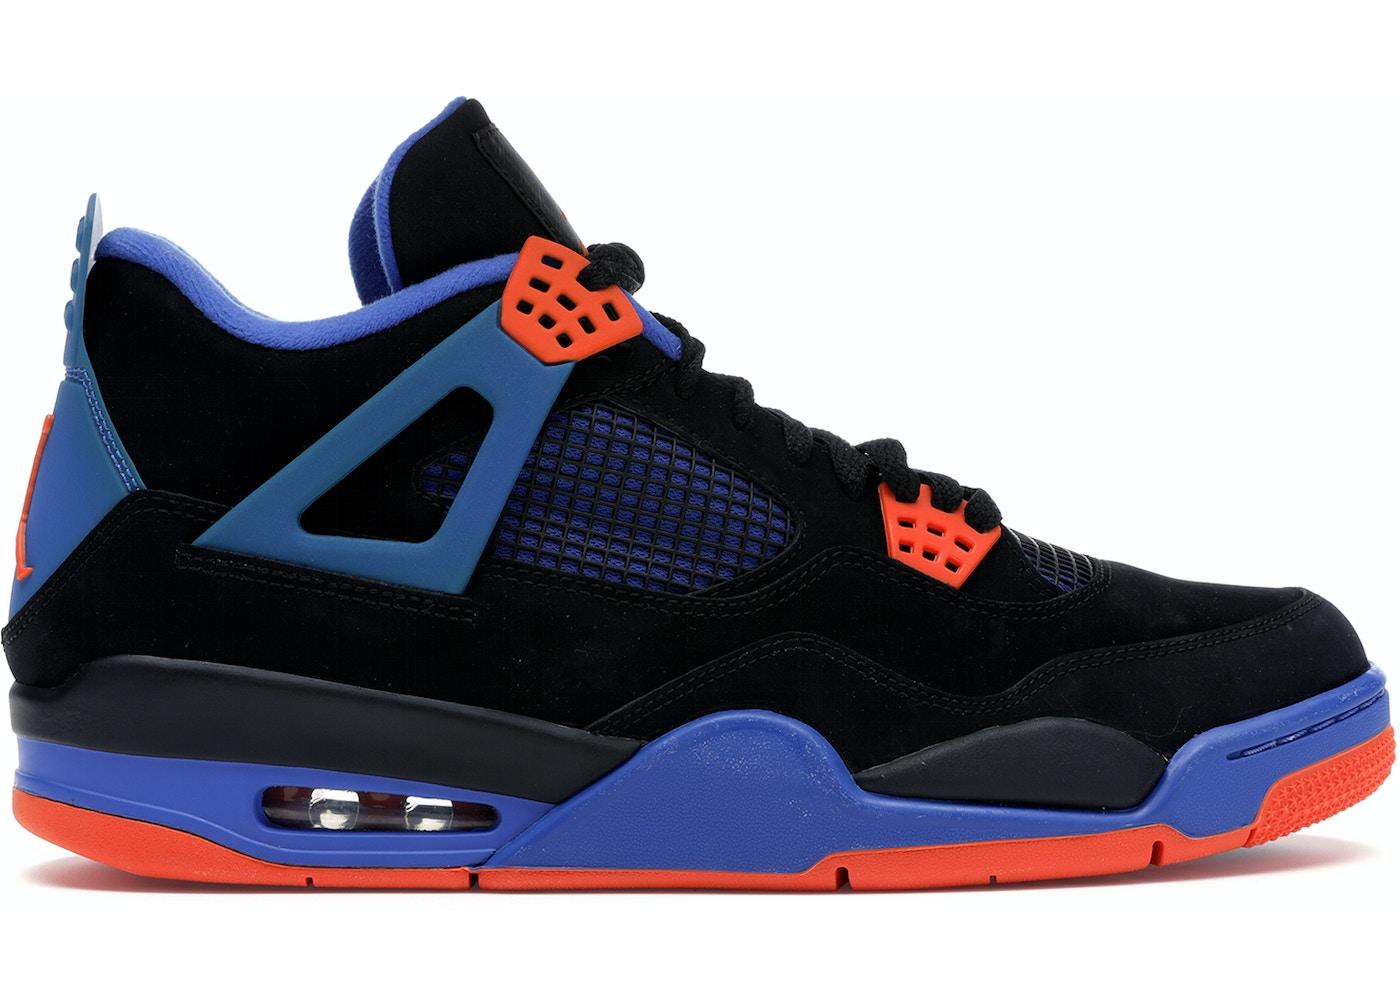 online store d3c66 8ca06 Jordan 4 Retro Cavs - 308497-027